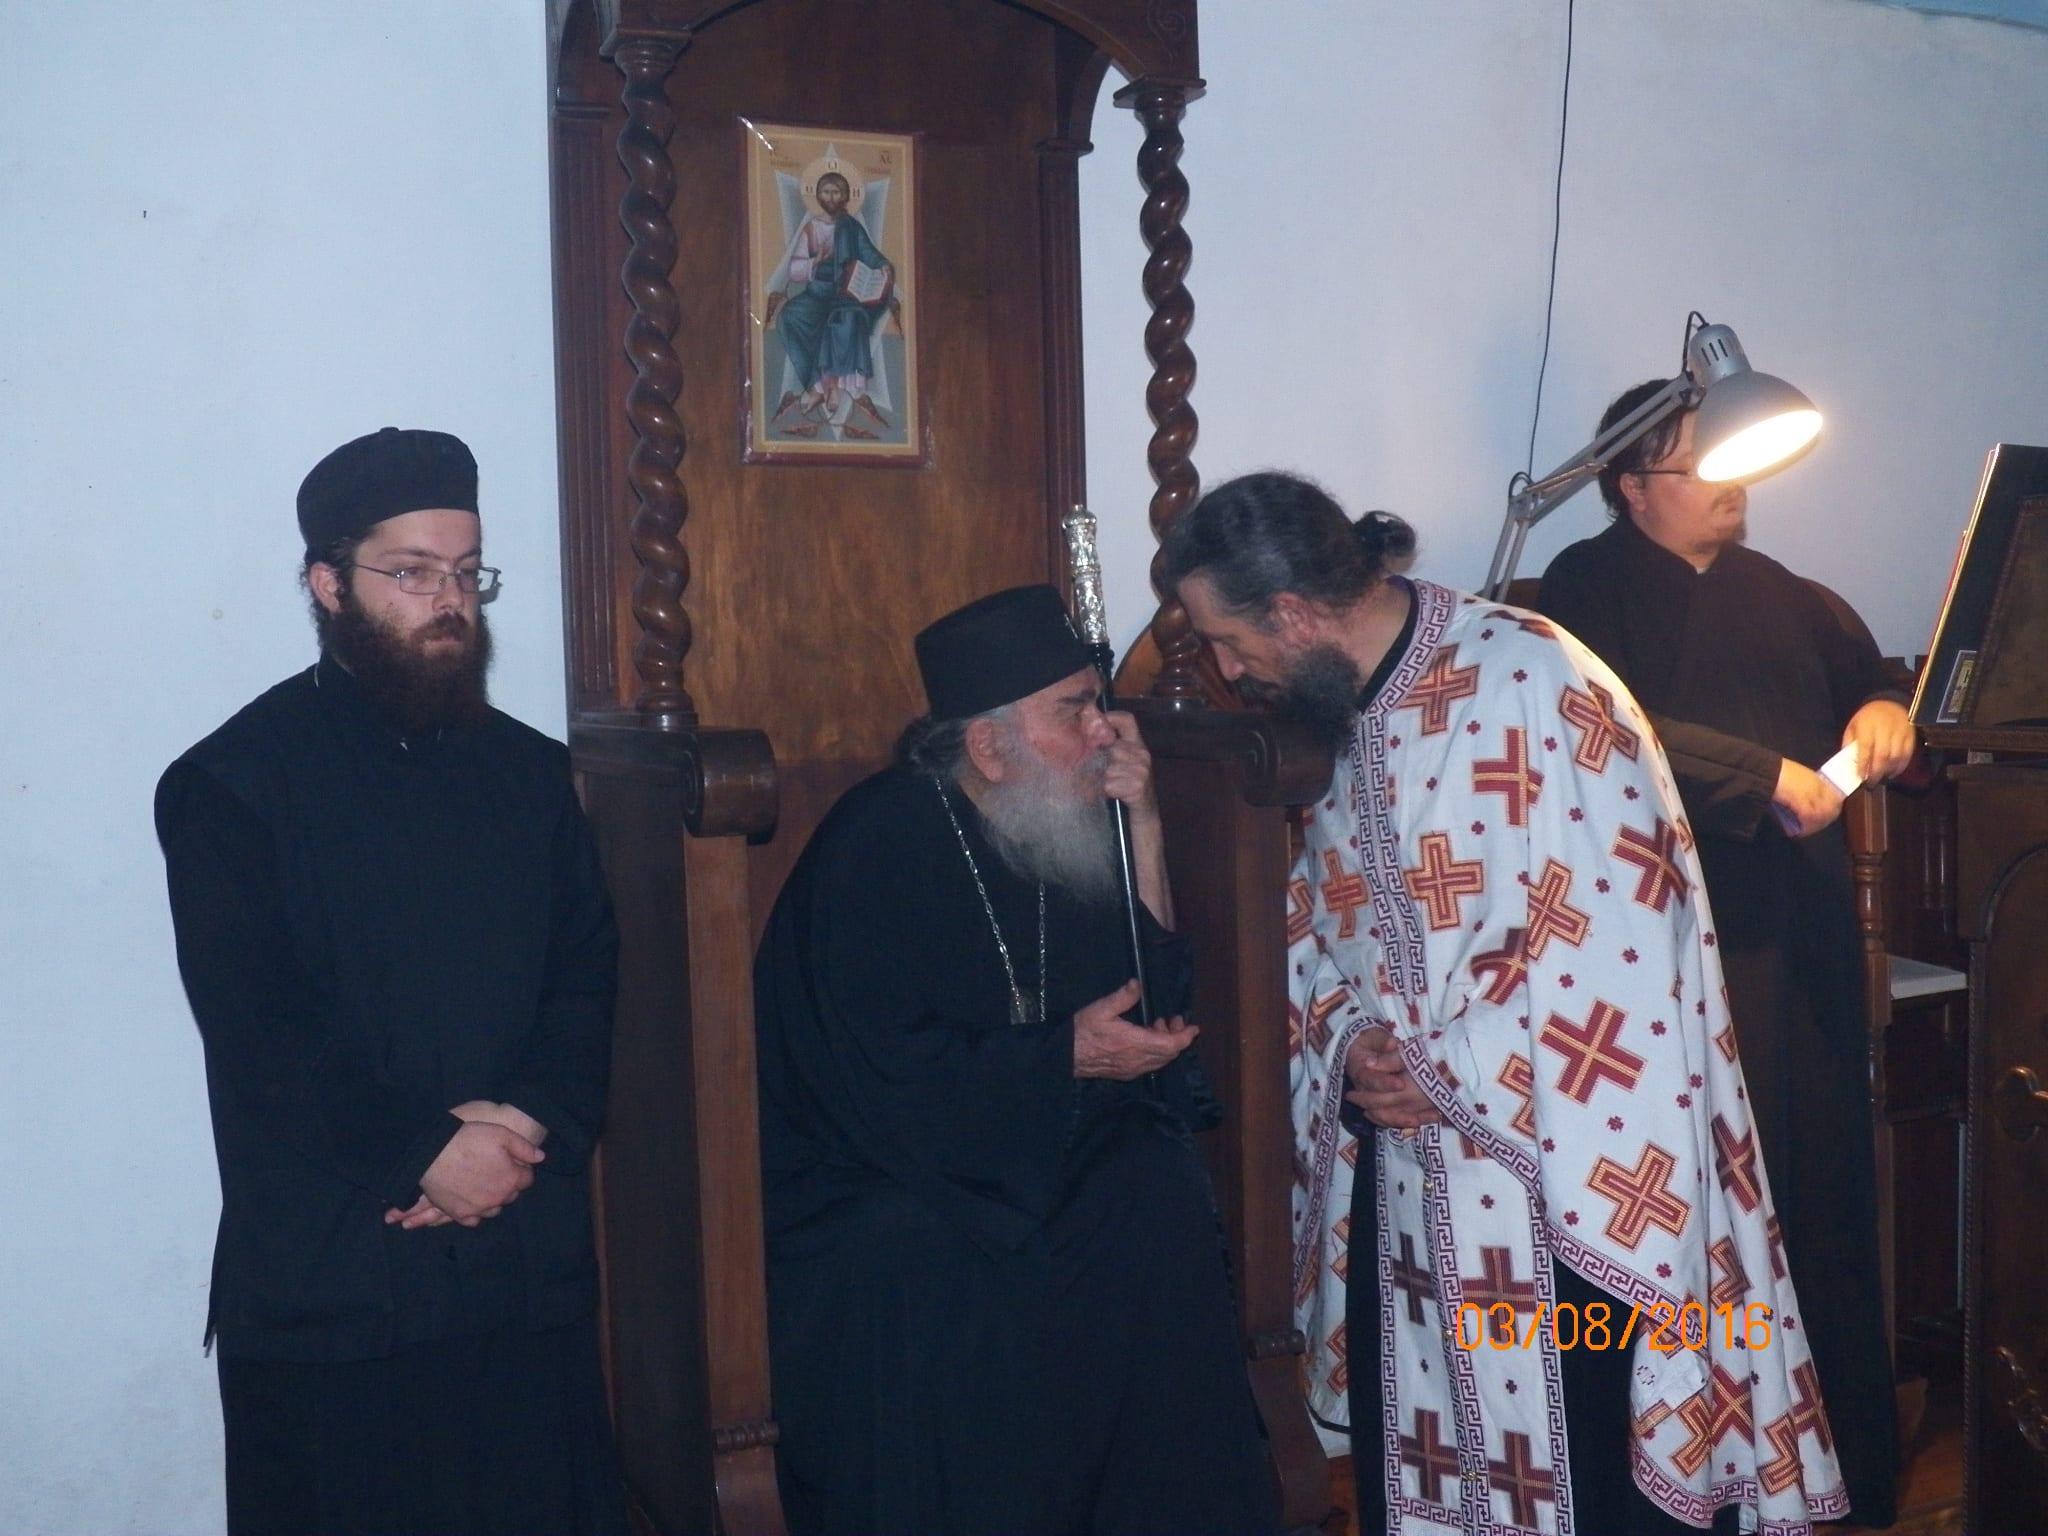 ..στο Παρεκκλήσιο της Μεταμορφώσεως με τον νεότερο Ευδόκιμο(εξ αριστερών) και τον Ιερομόναχο Αέτιο